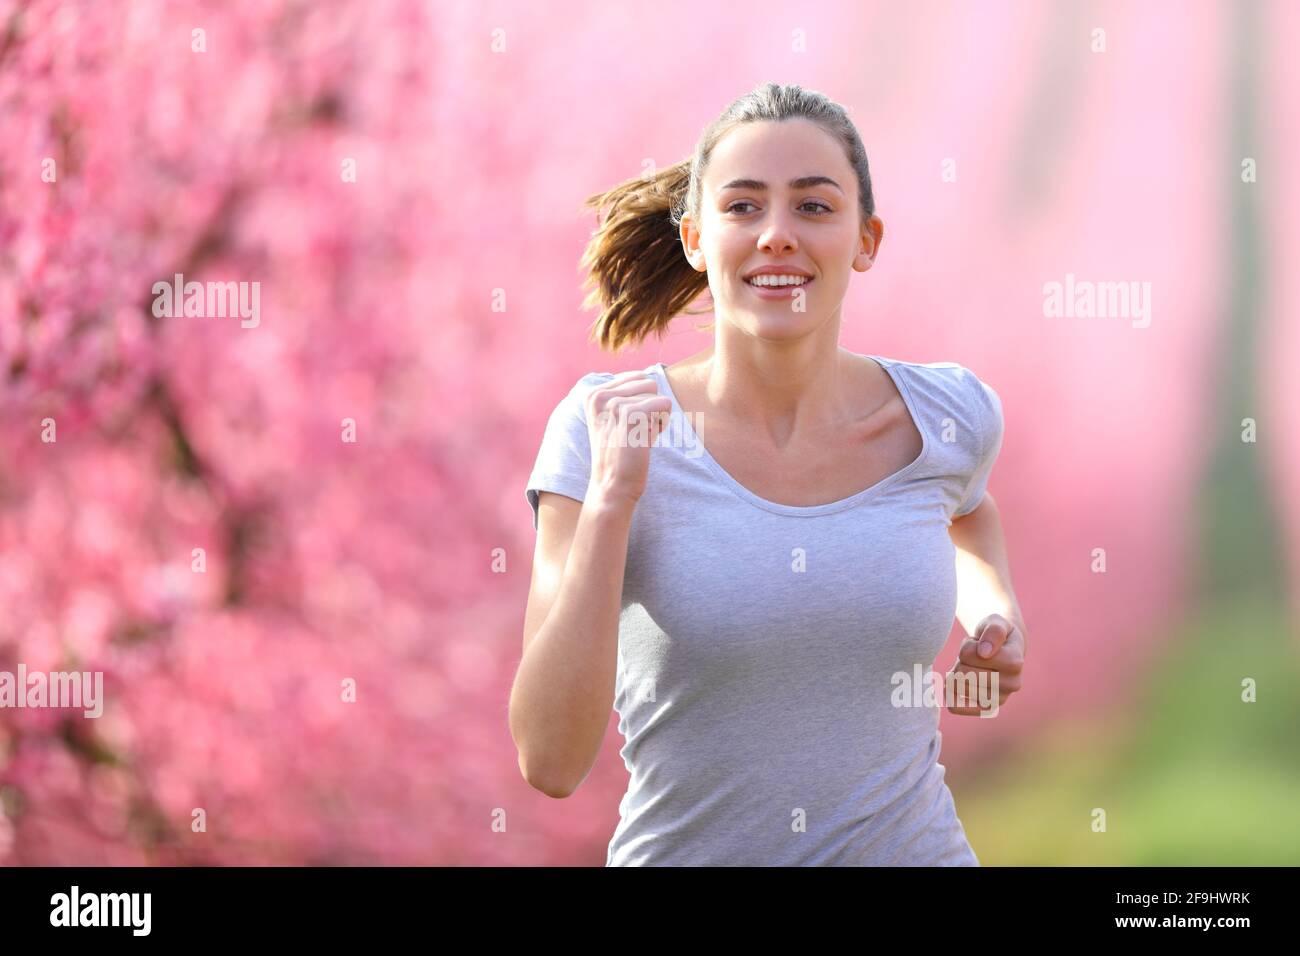 Vorderansicht Porträt einer glücklichen Frau, die in einem läuft Geblühtes Feld zur Kamera Stockfoto